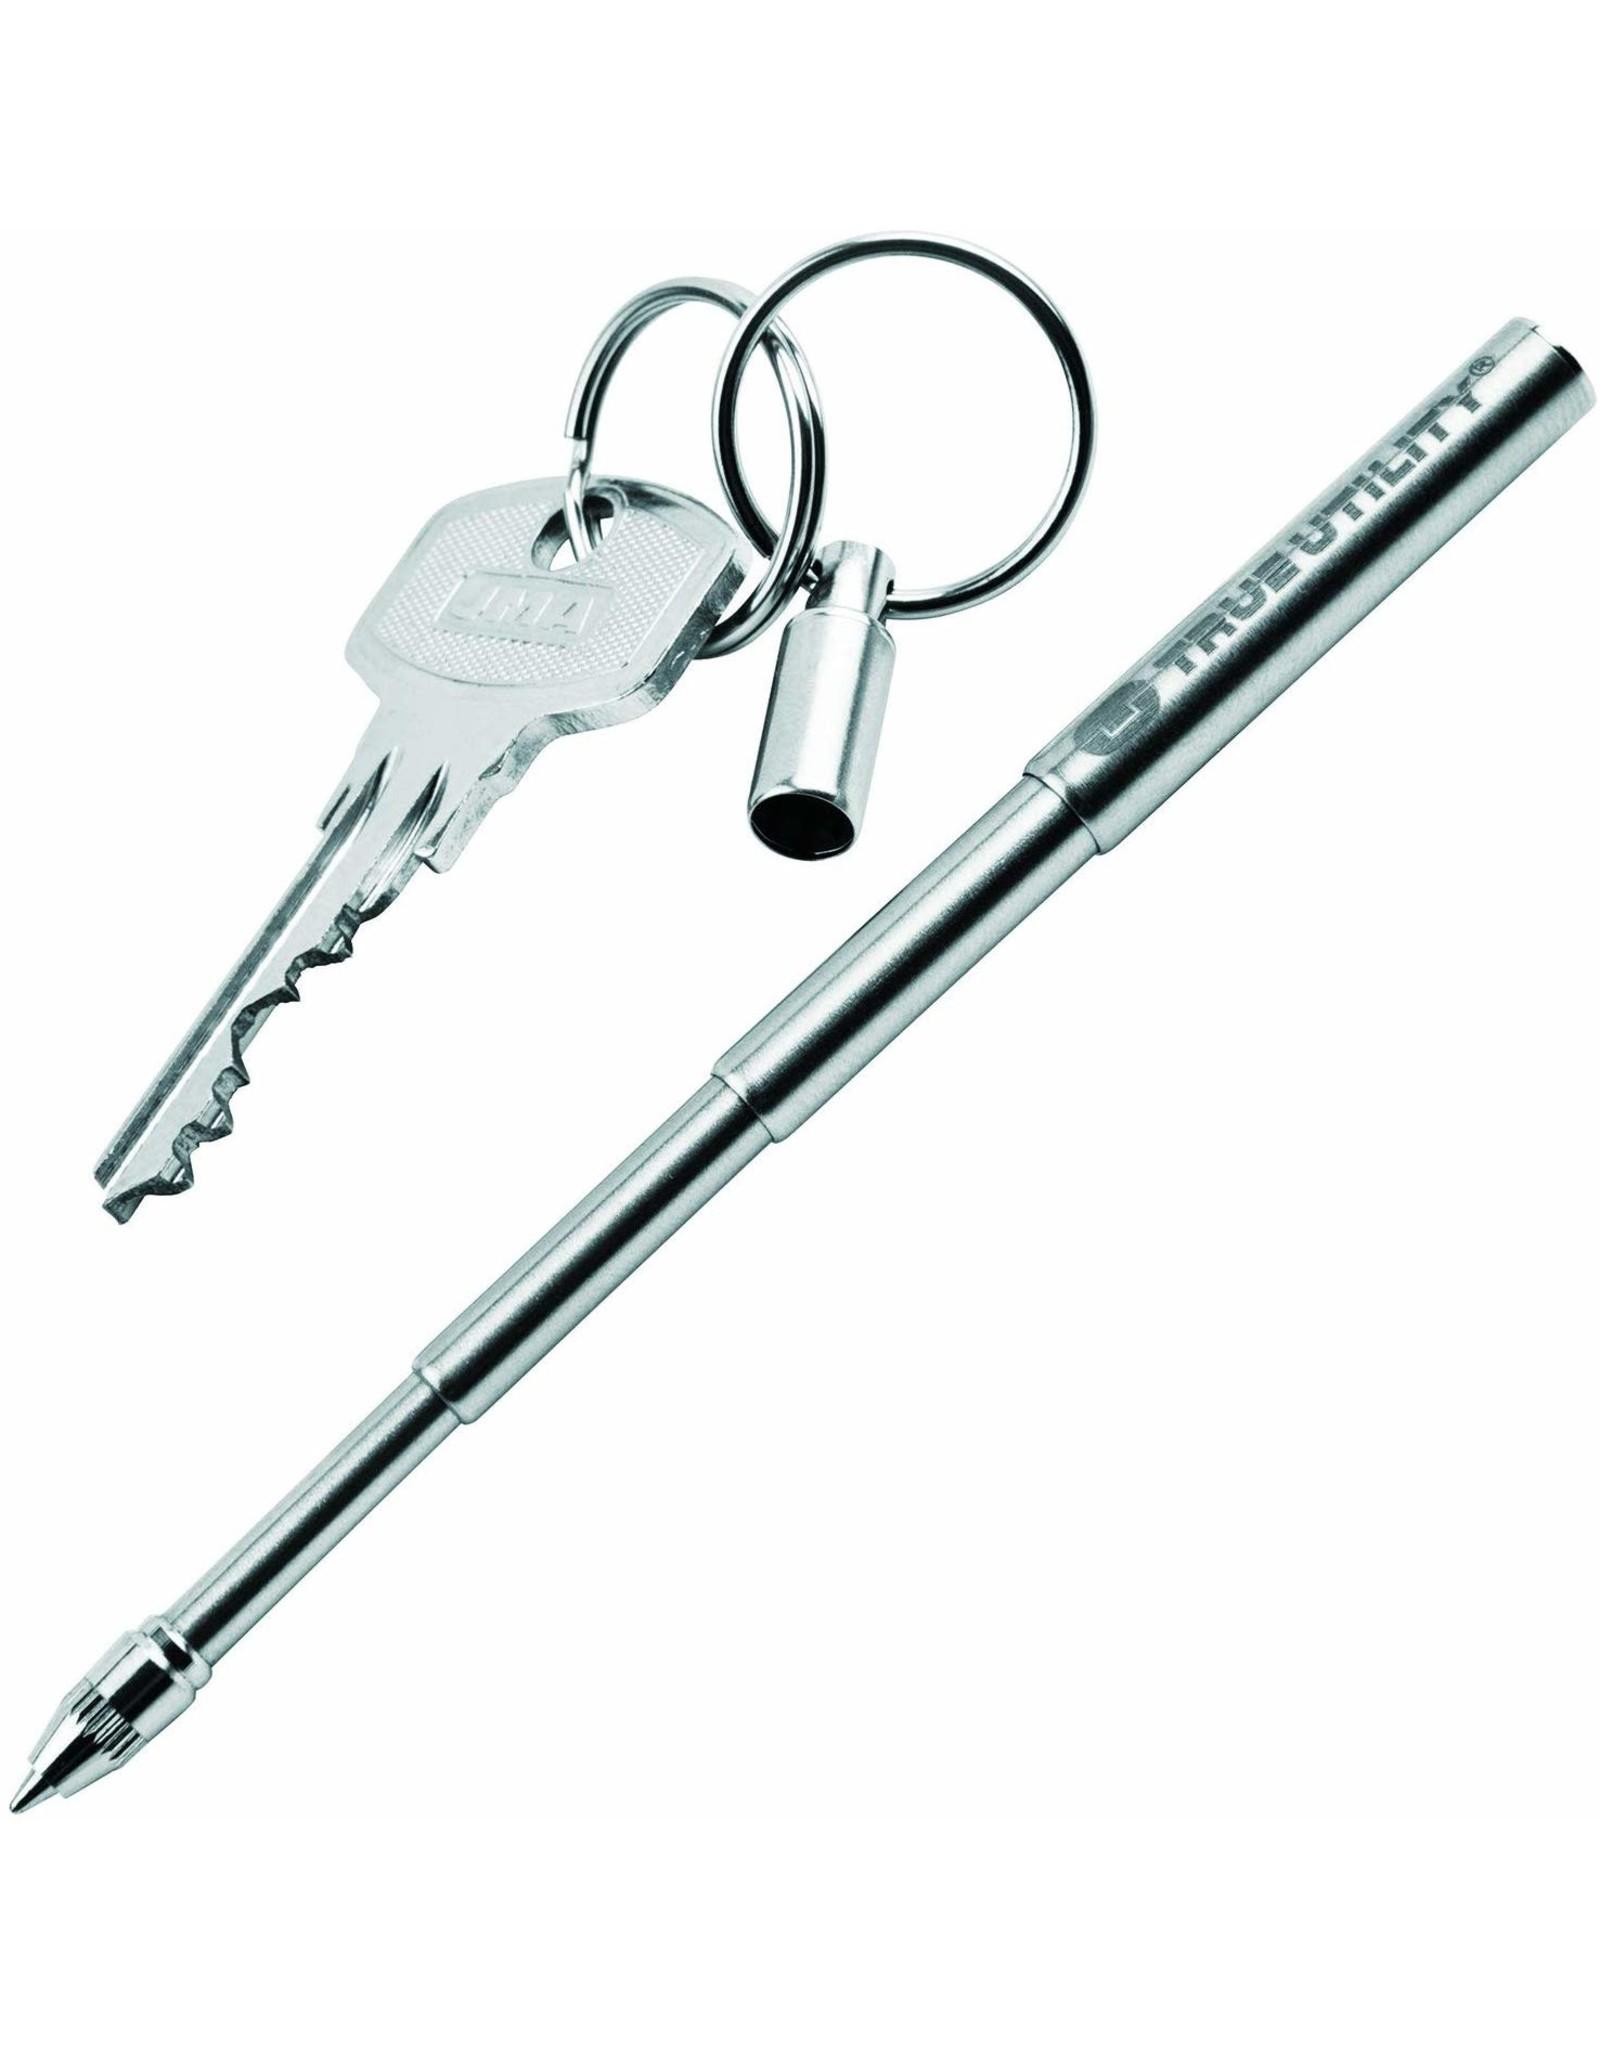 True Utility True Utility Tele Pen